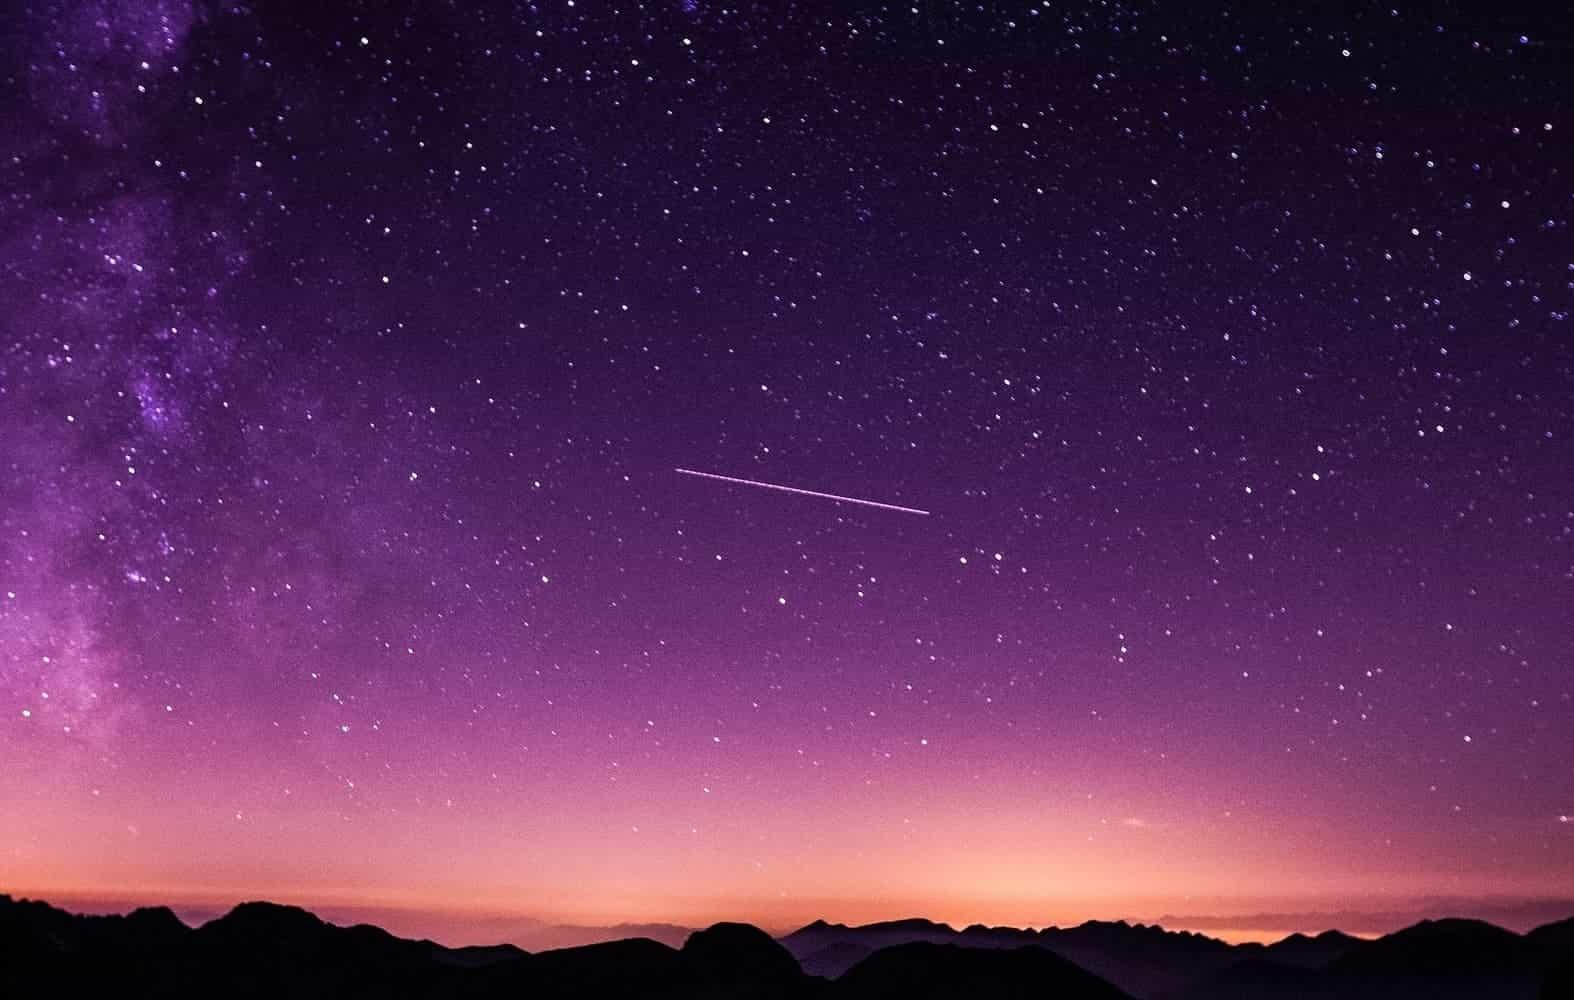 Ideale Bedingungen für eine Sternschnuppennacht: Klare und ungestörte Sicht auf den Sternenhimmel und die Milchstraße